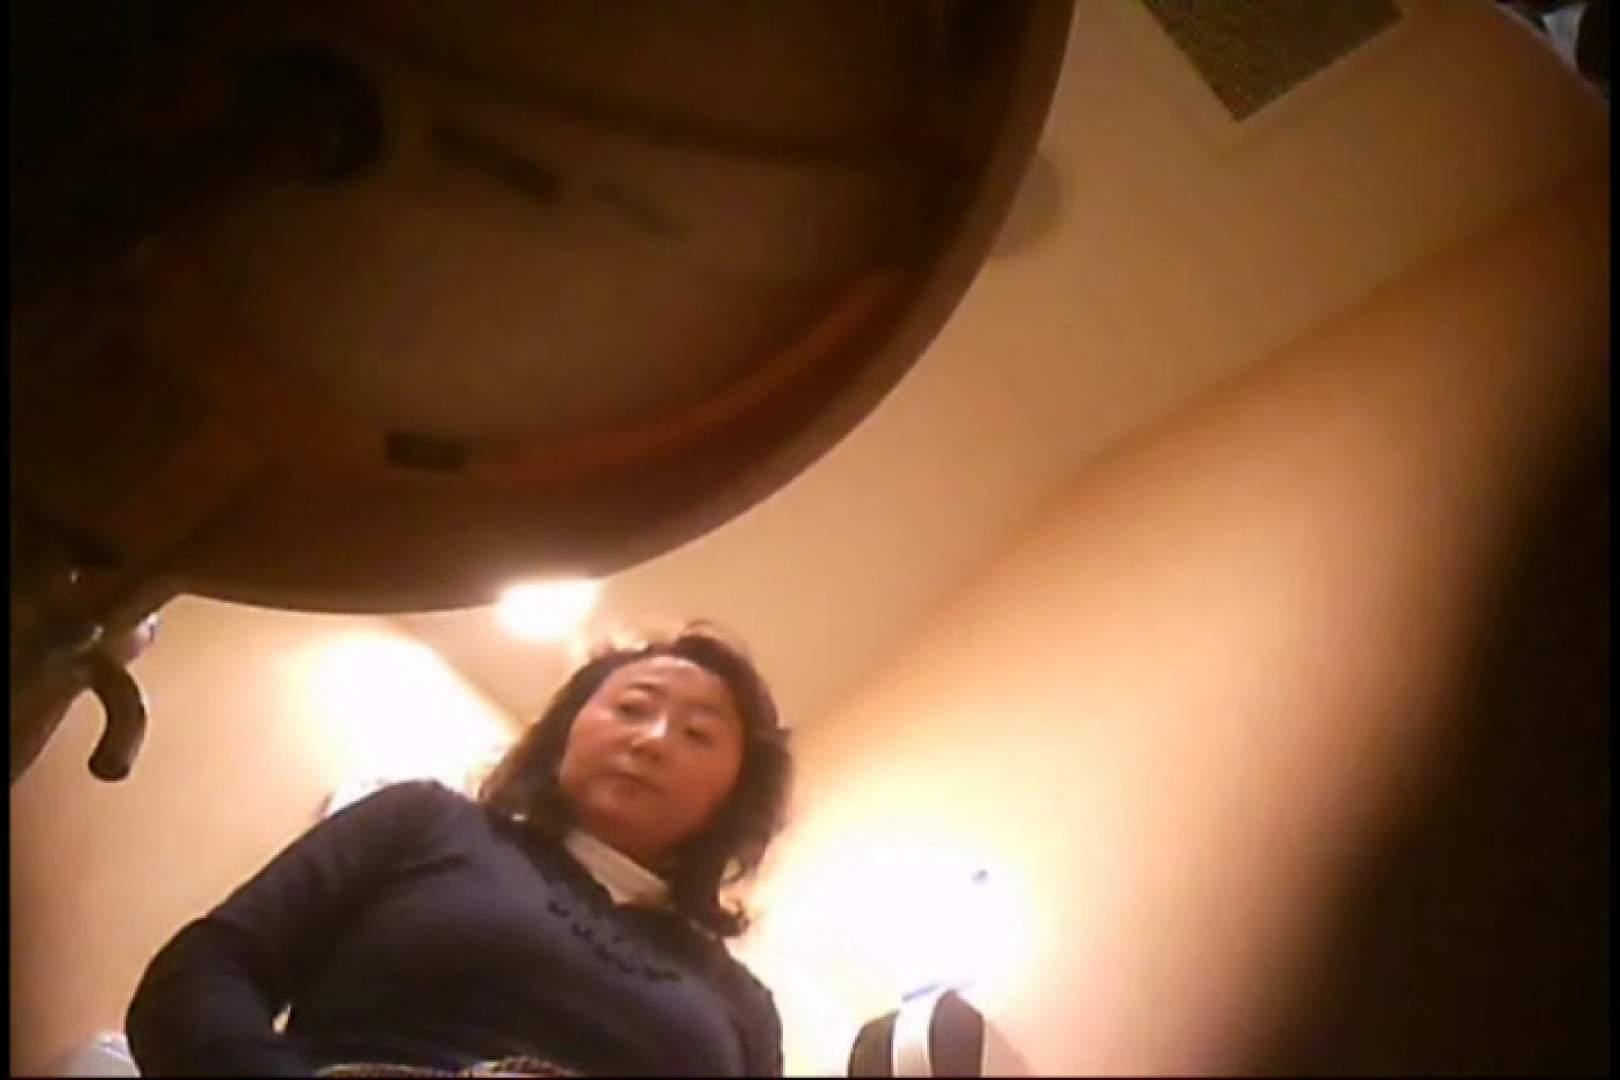 潜入!!女子化粧室盗撮~絶対見られたくない時間~vo,75 お姉さん丸裸 エロ画像 96pic 89